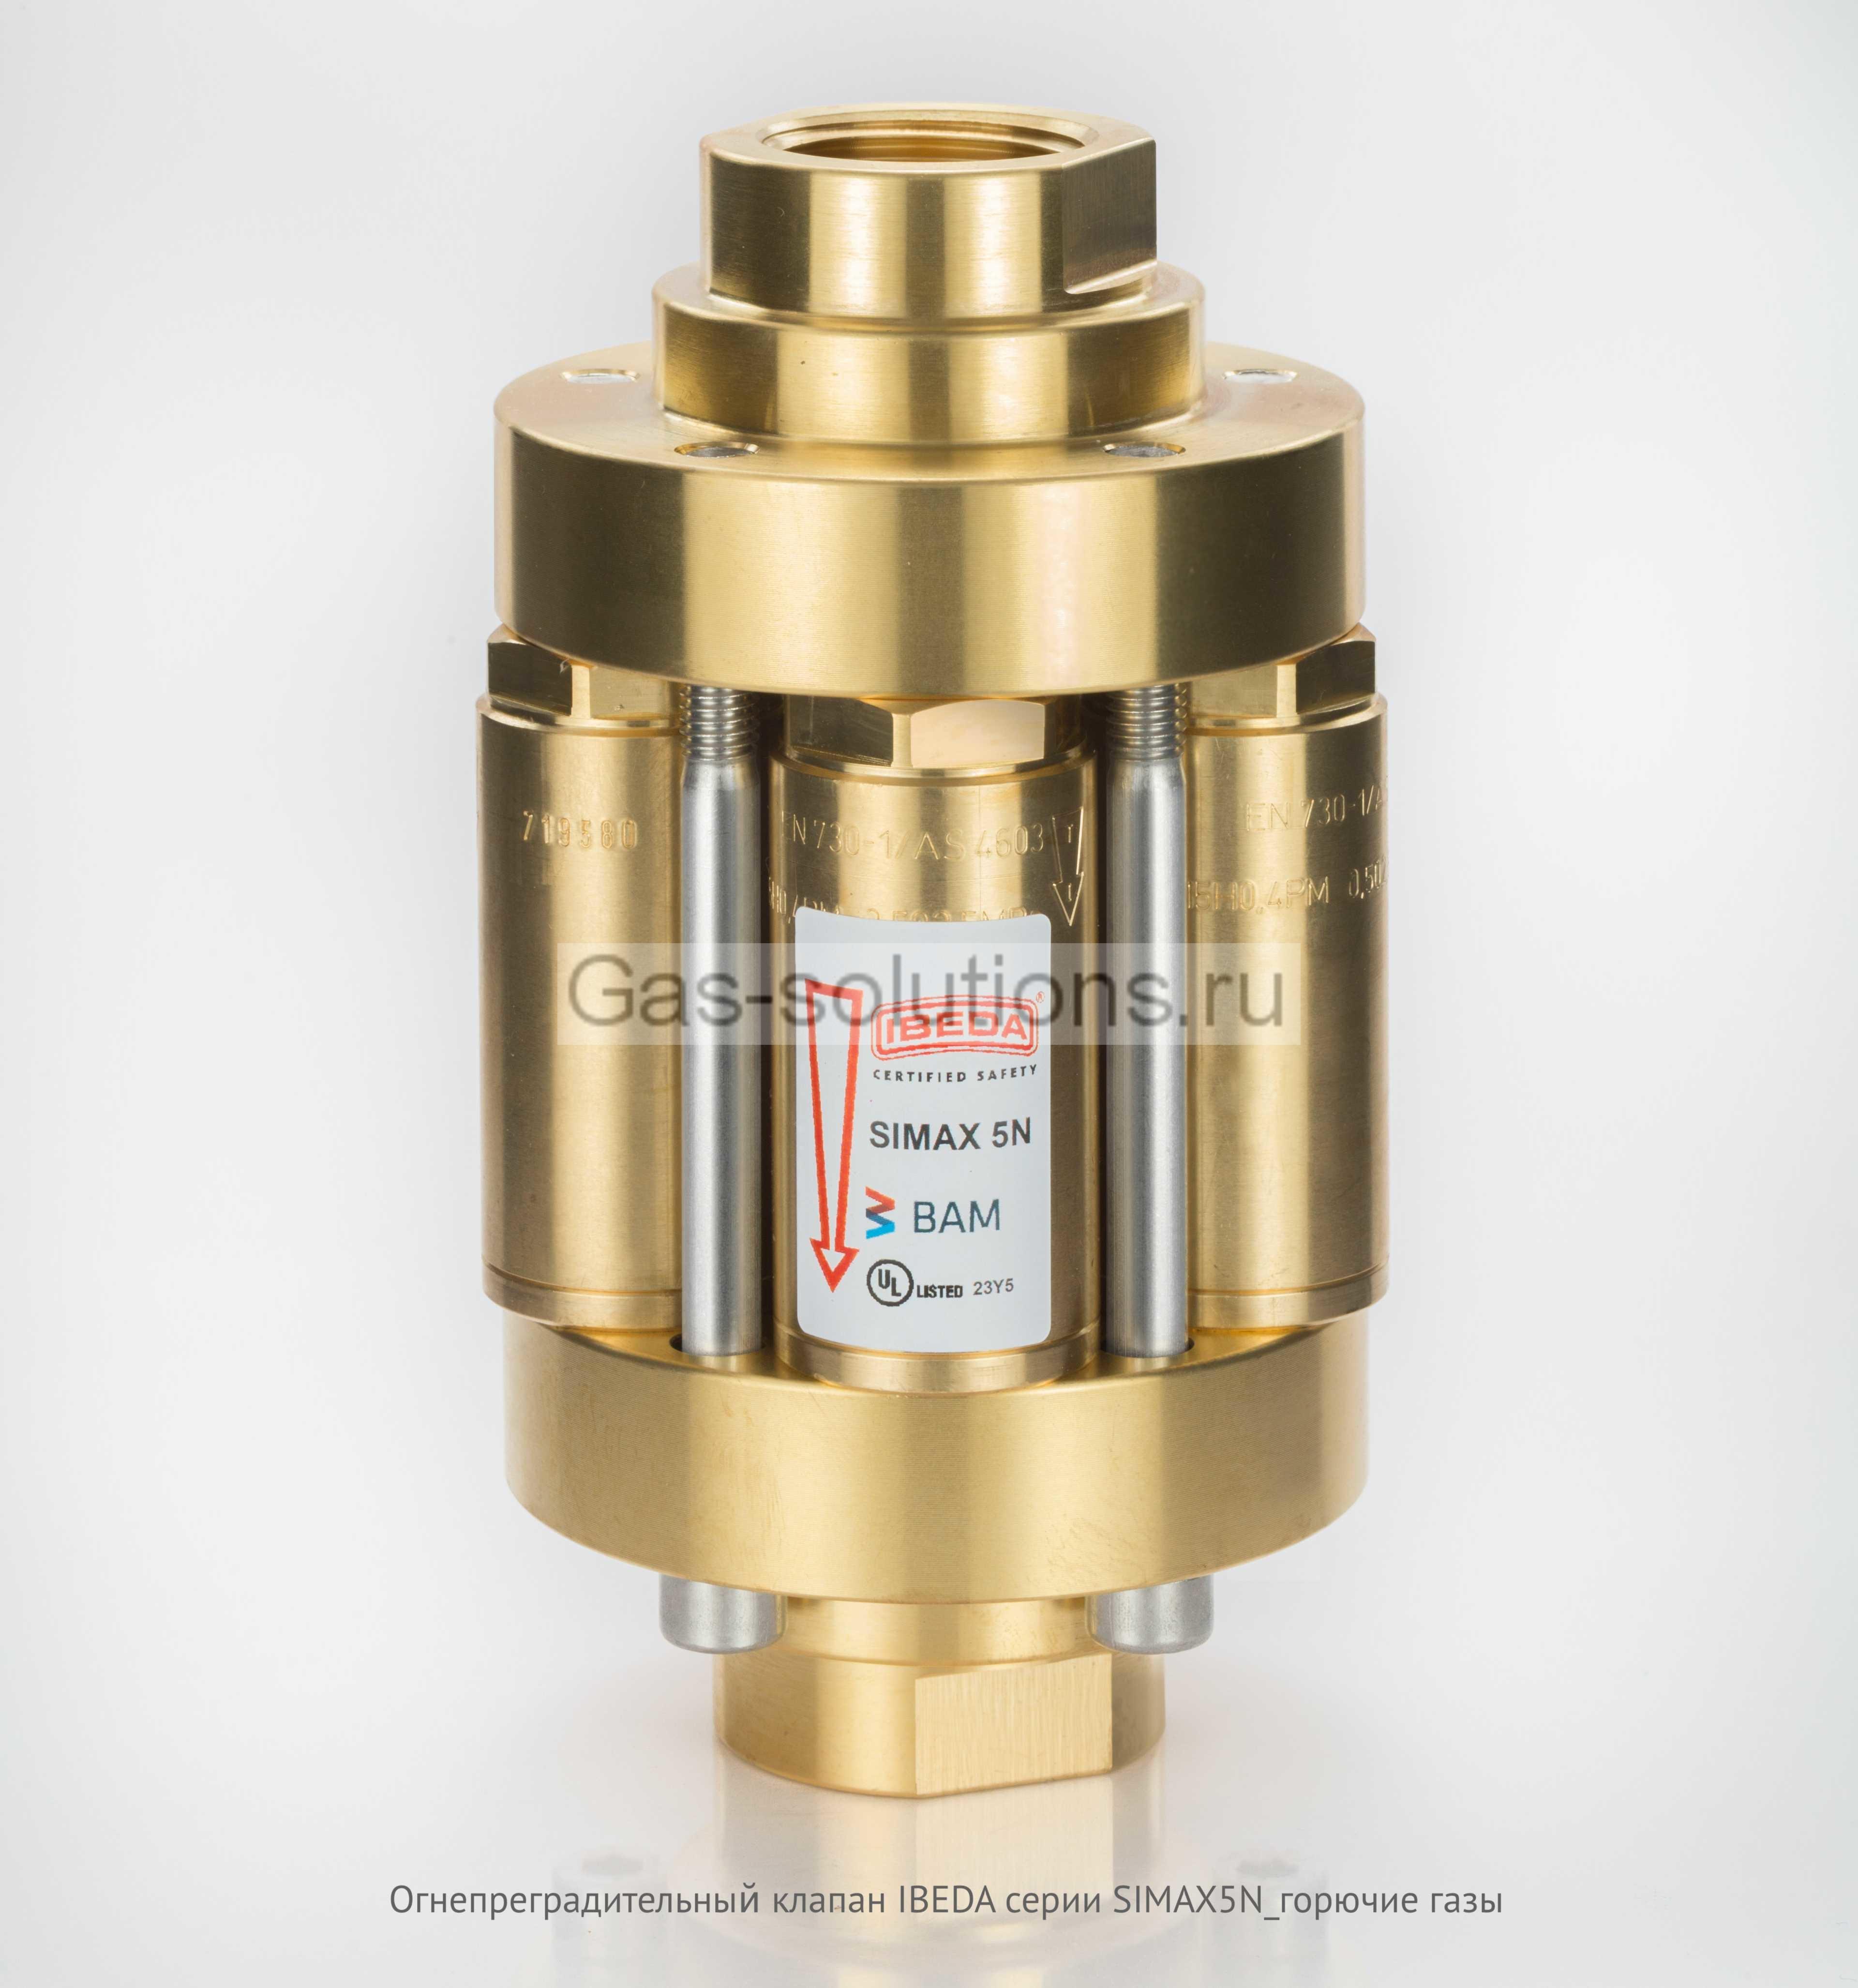 Огнепреградительный клапан IBEDA серии SIMAX5N_горючие газы